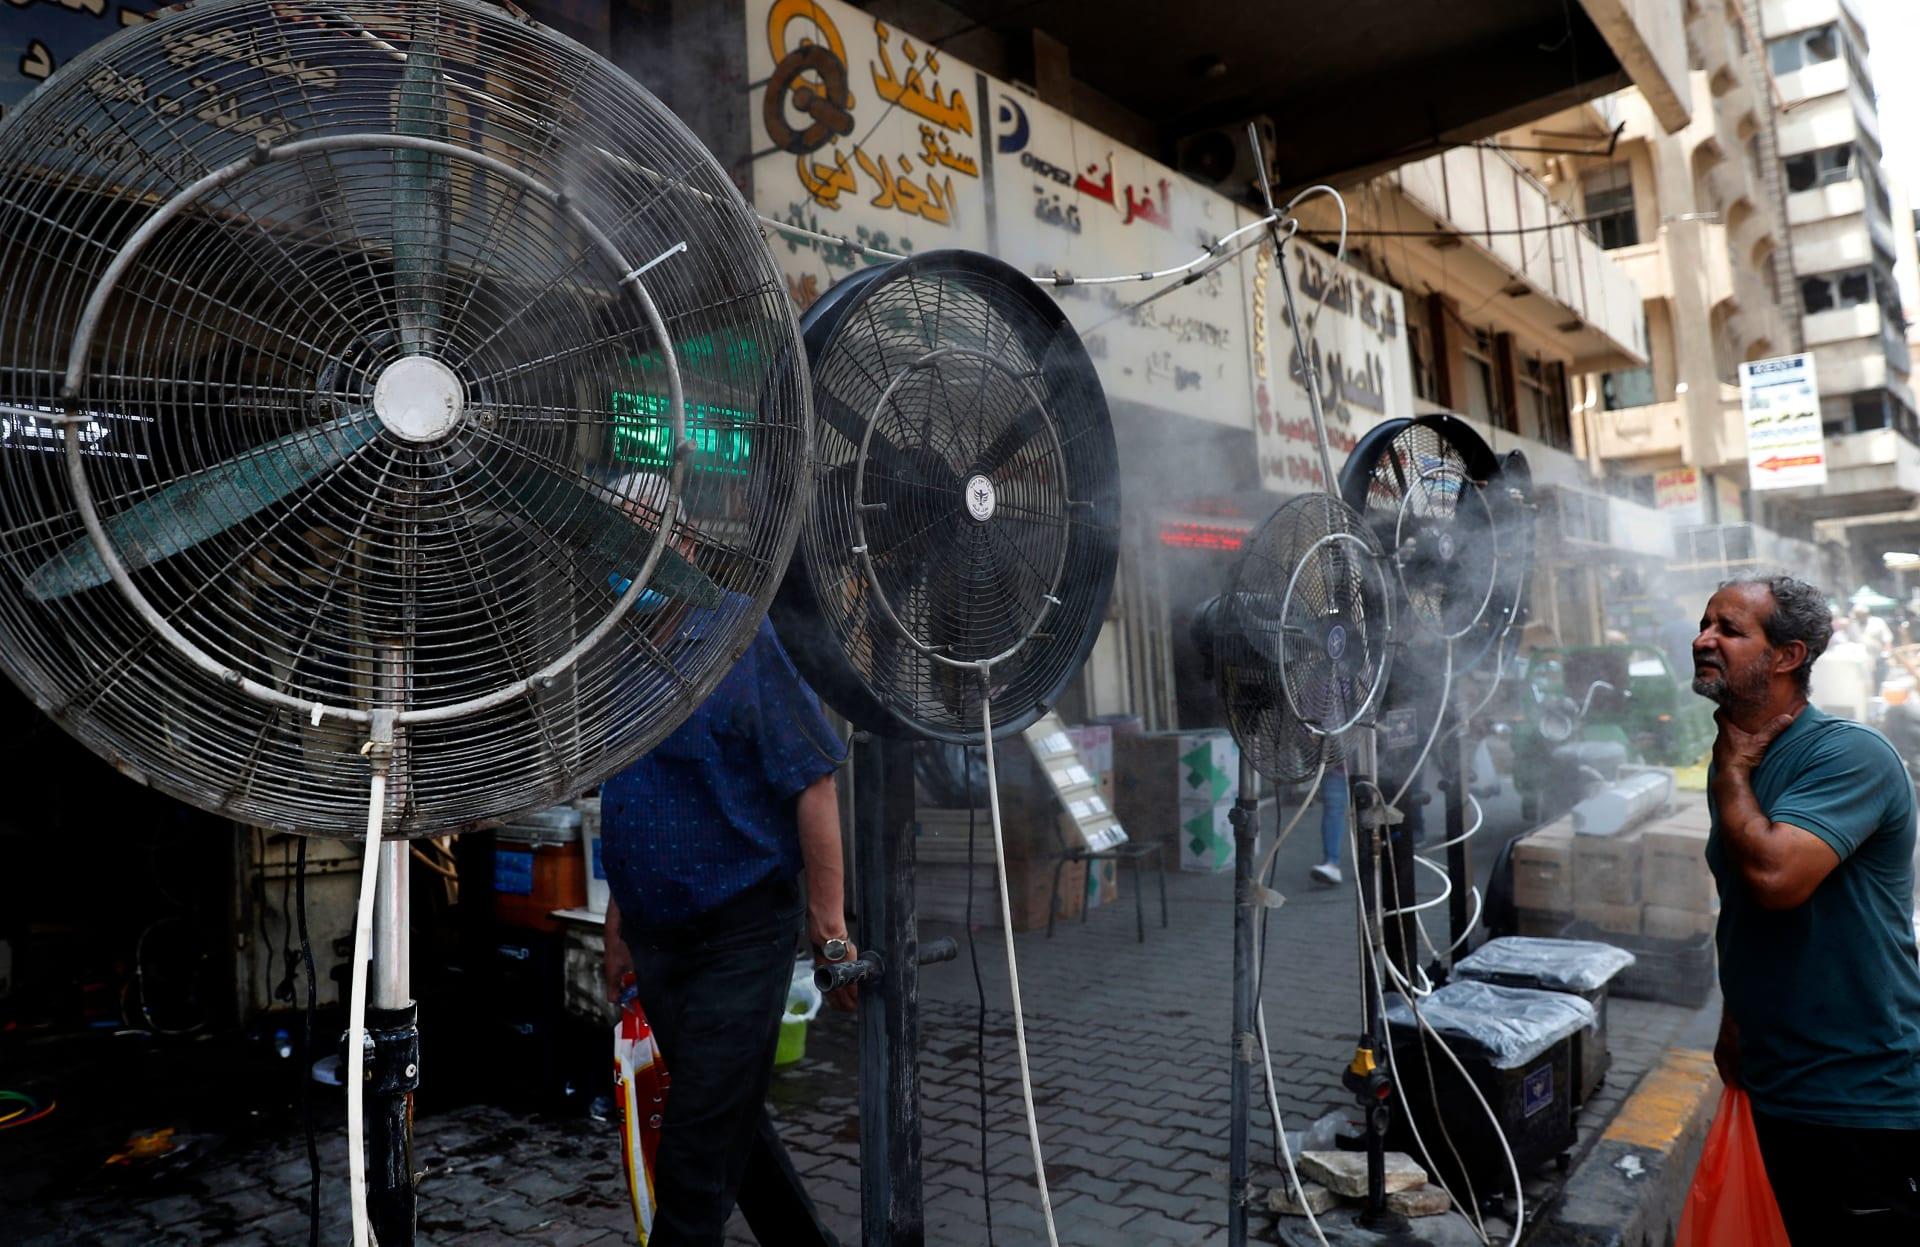 موجة حارة شديدة تضرب العراق.. وإعلان عطلة رسمية في عدة محافظات